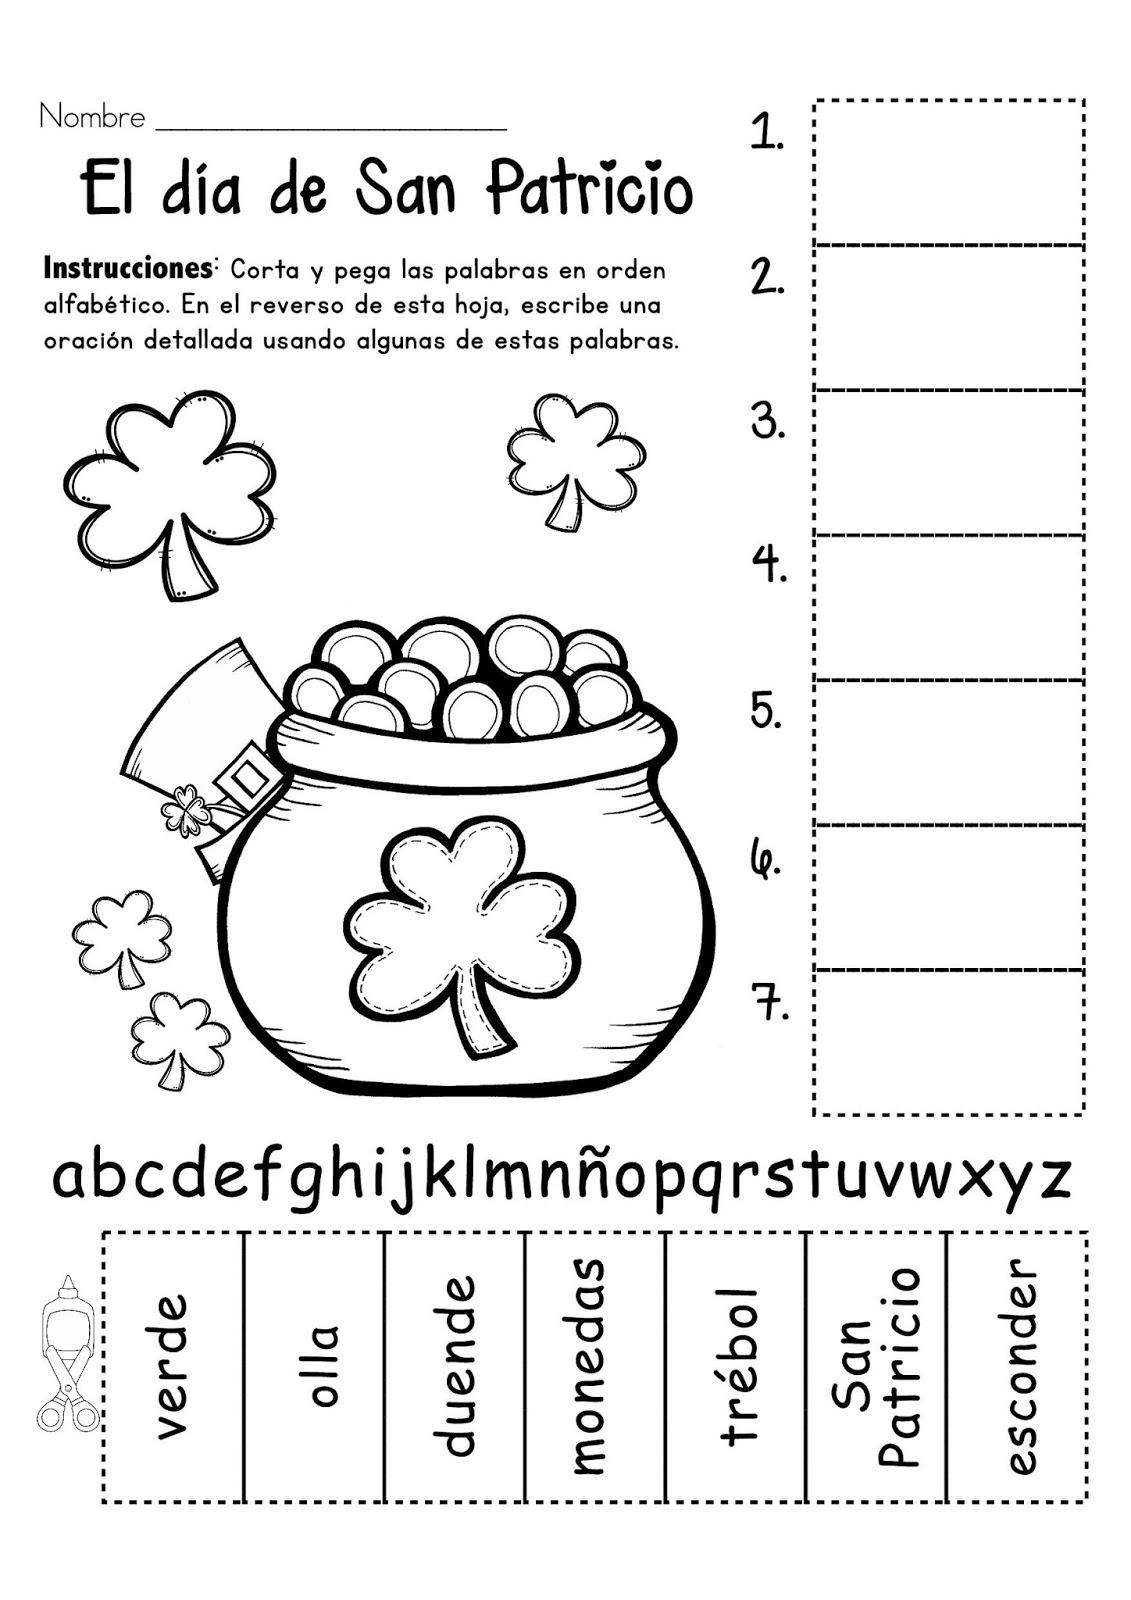 Encantador Crayola Para Colorear Para El Día De San Patricio ...